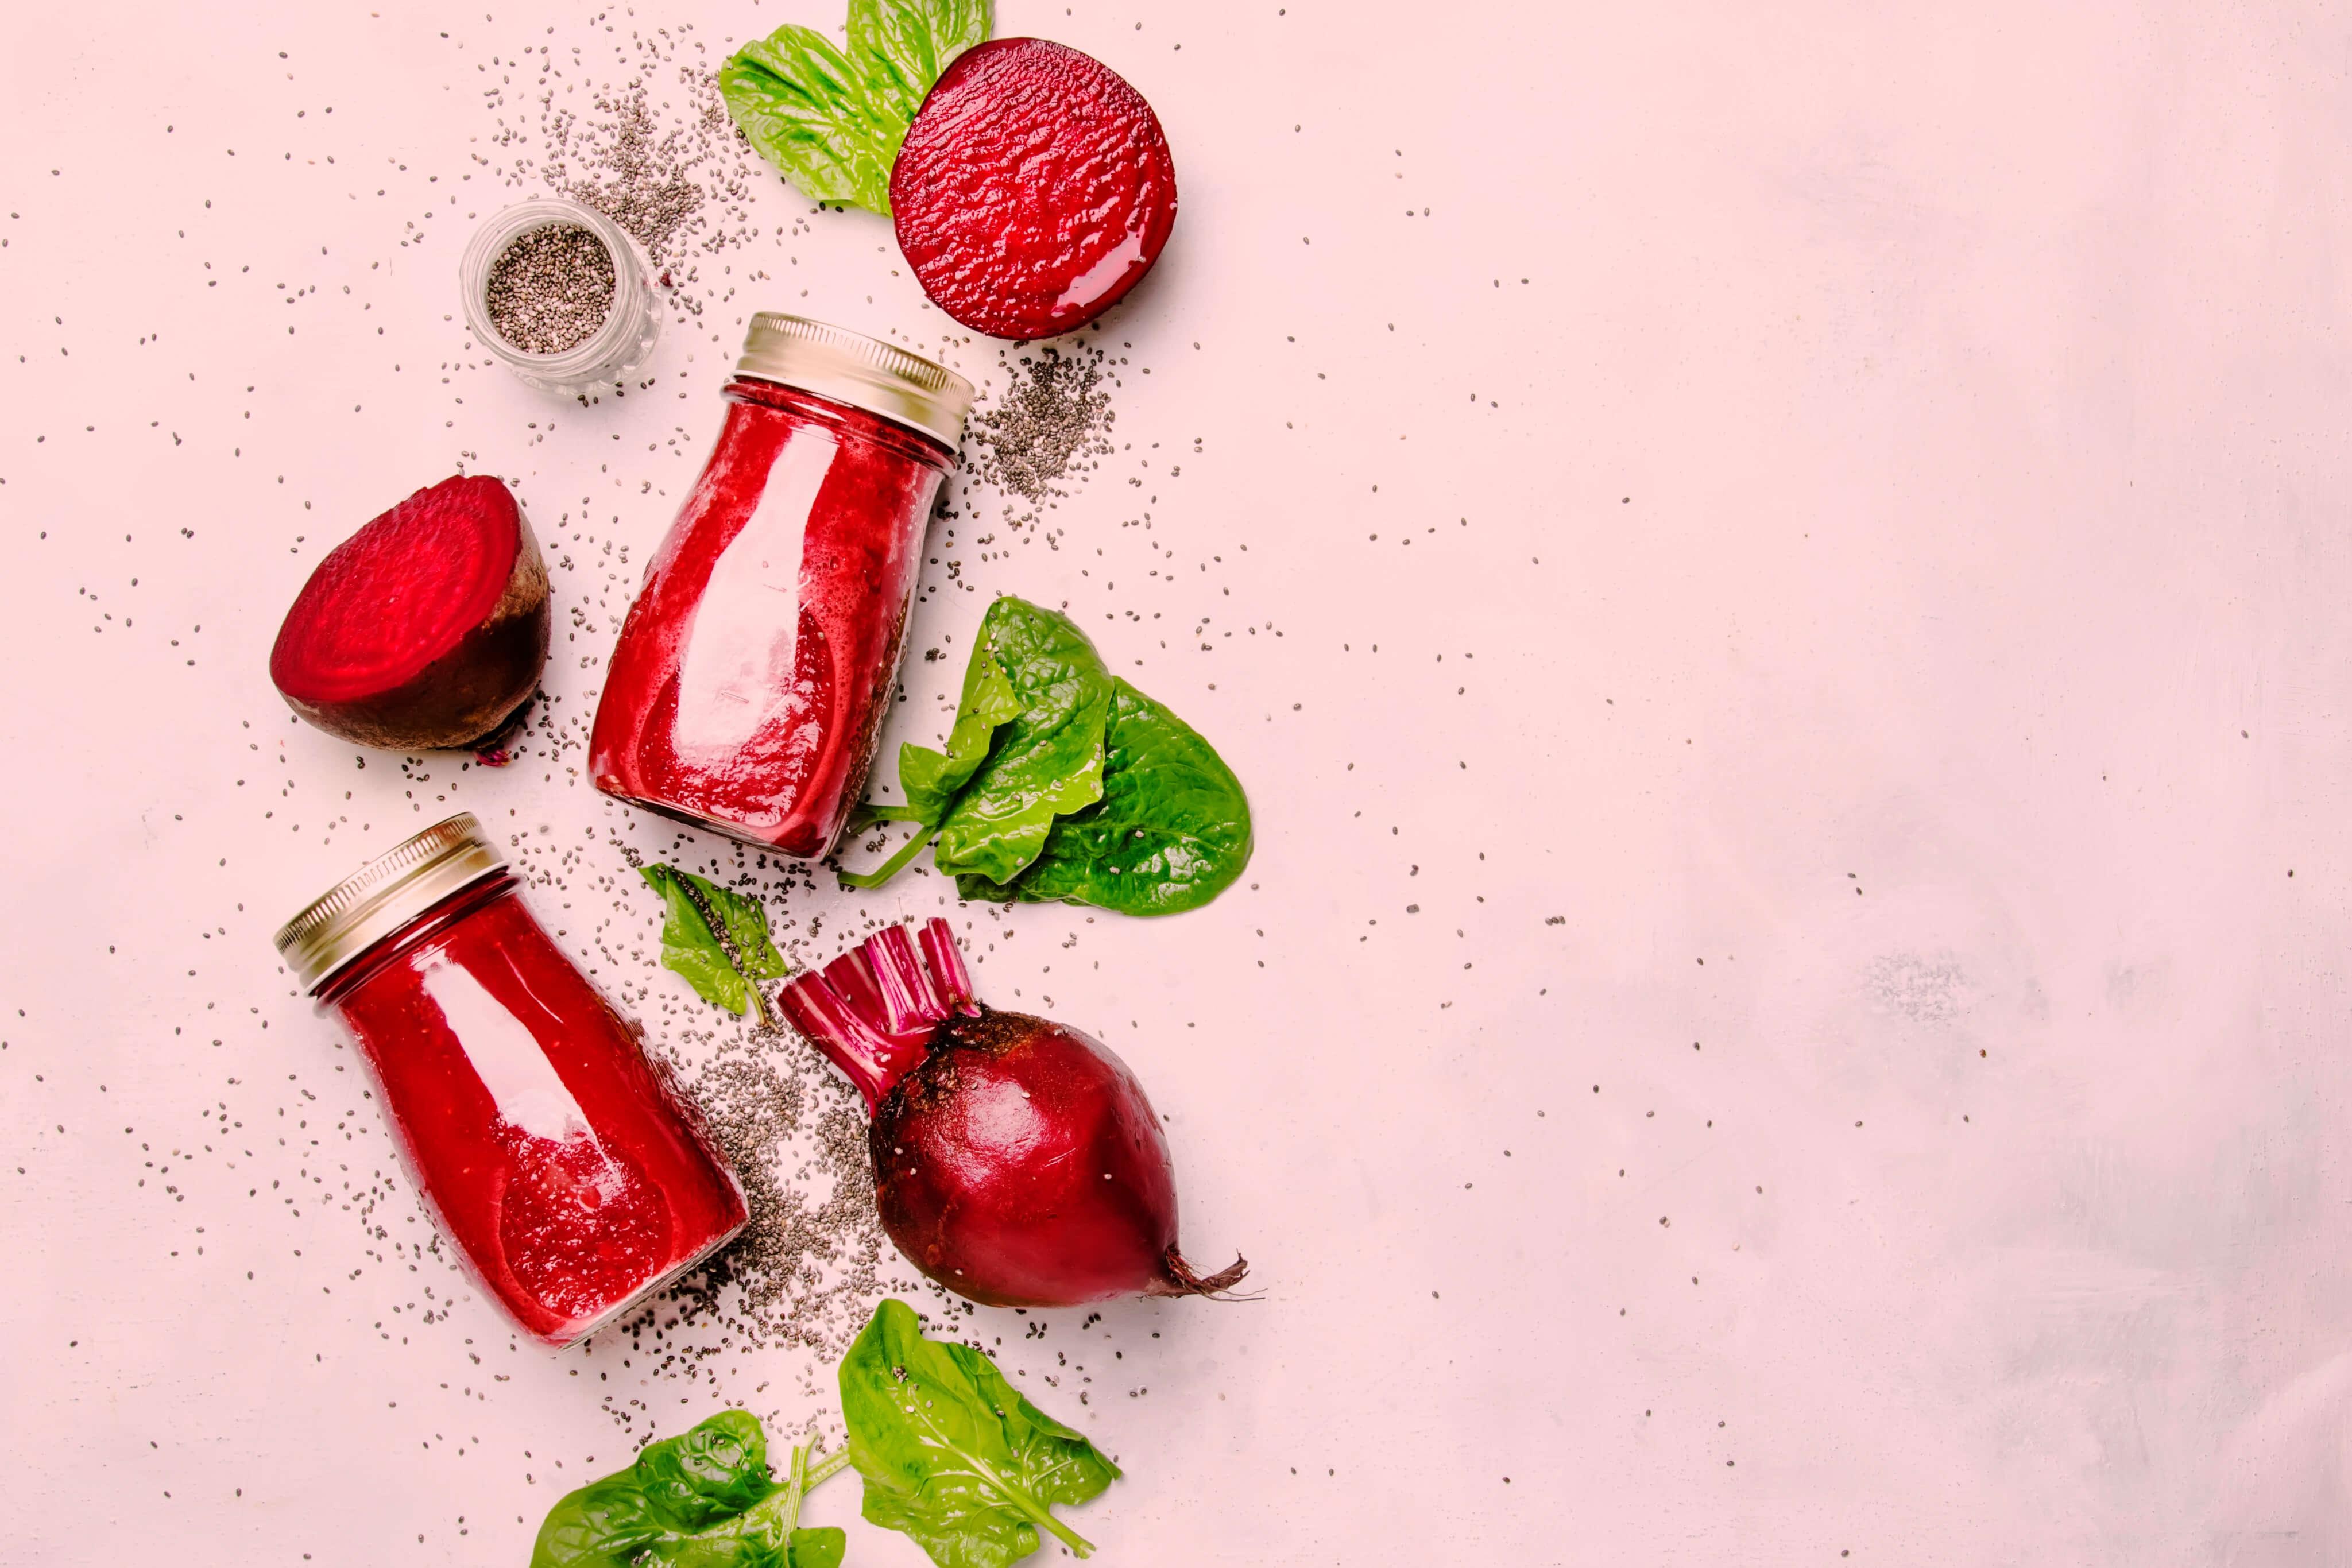 Rödbetor, rödbetsjuice, frön och salladsblad mot ljusrosa bakgrund